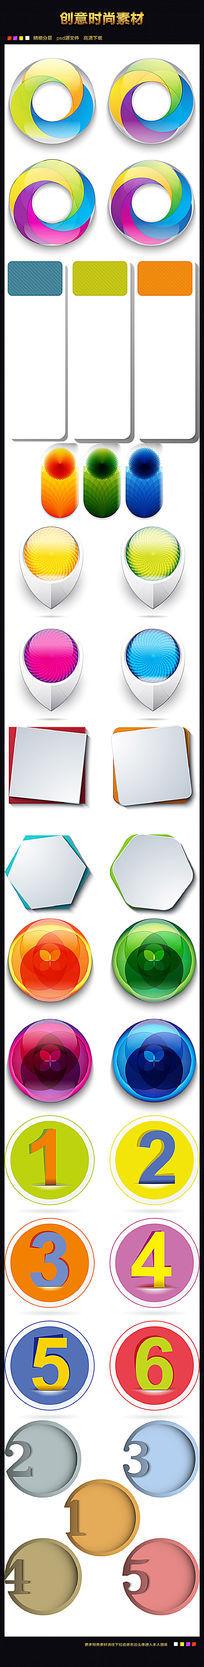 创意PPT图表素材设计